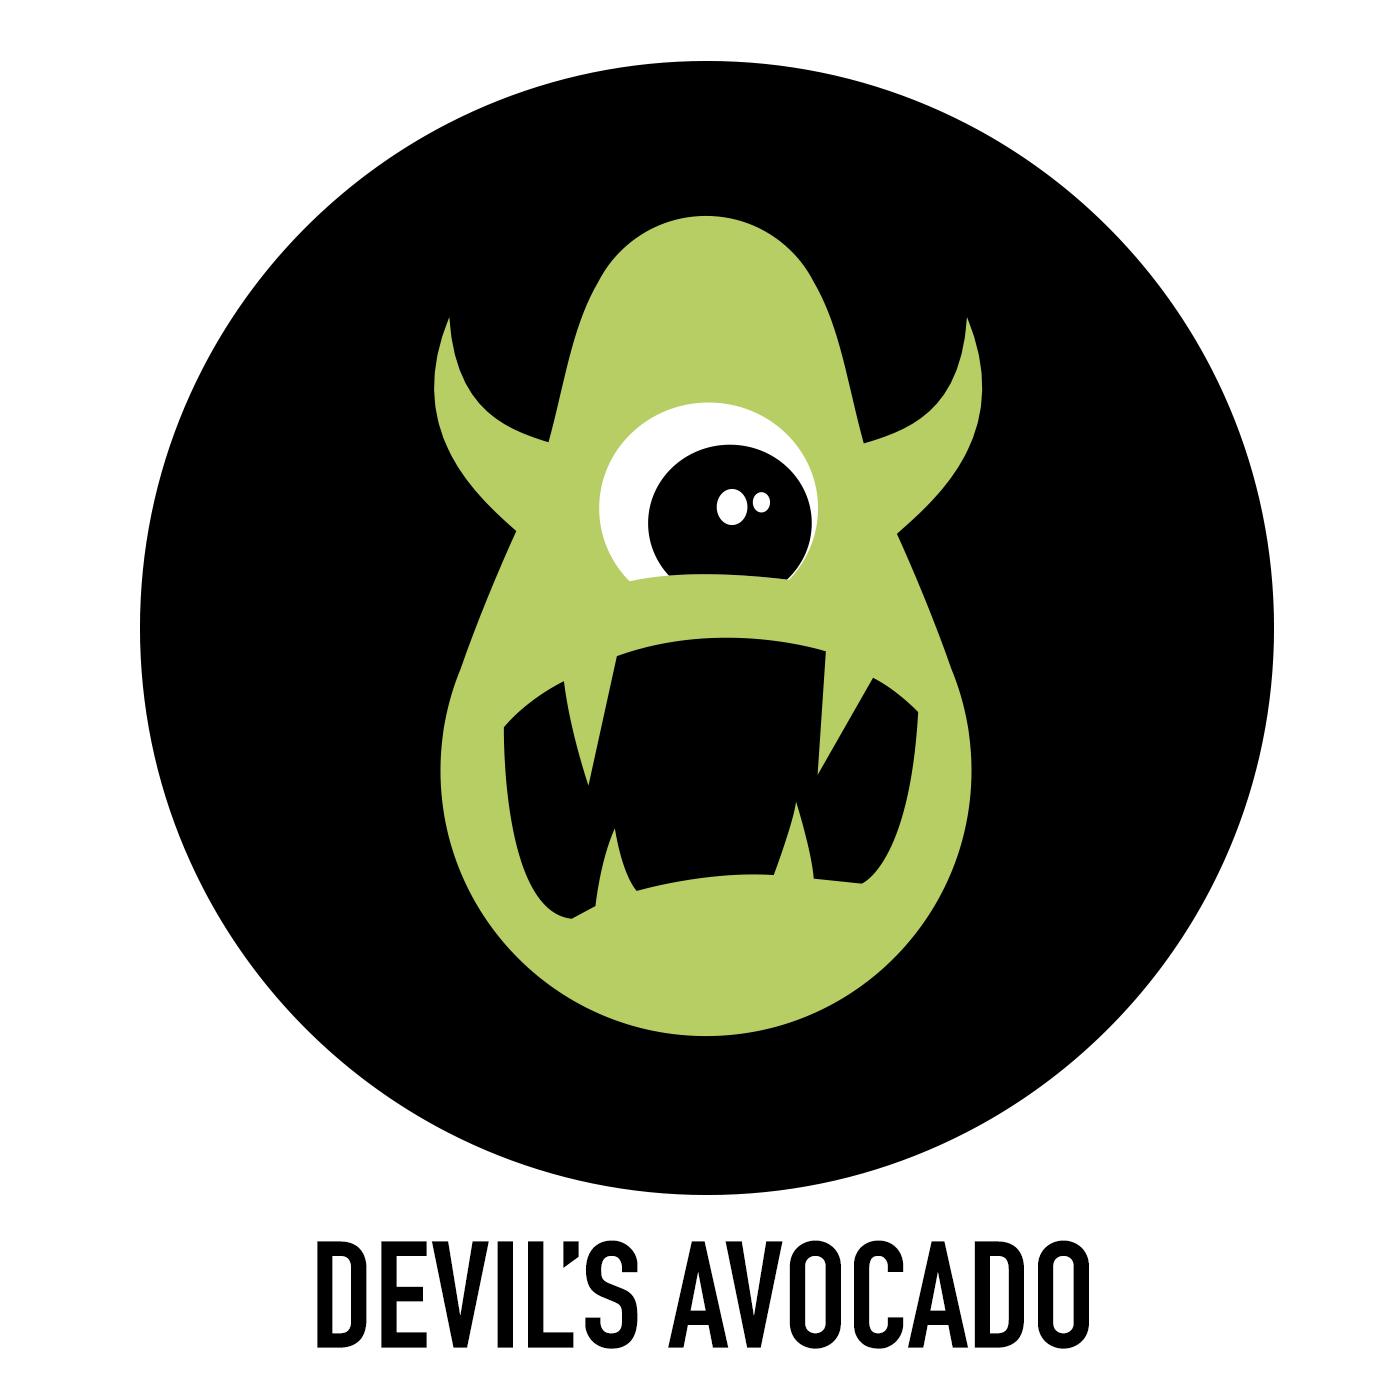 Devil's Avocado